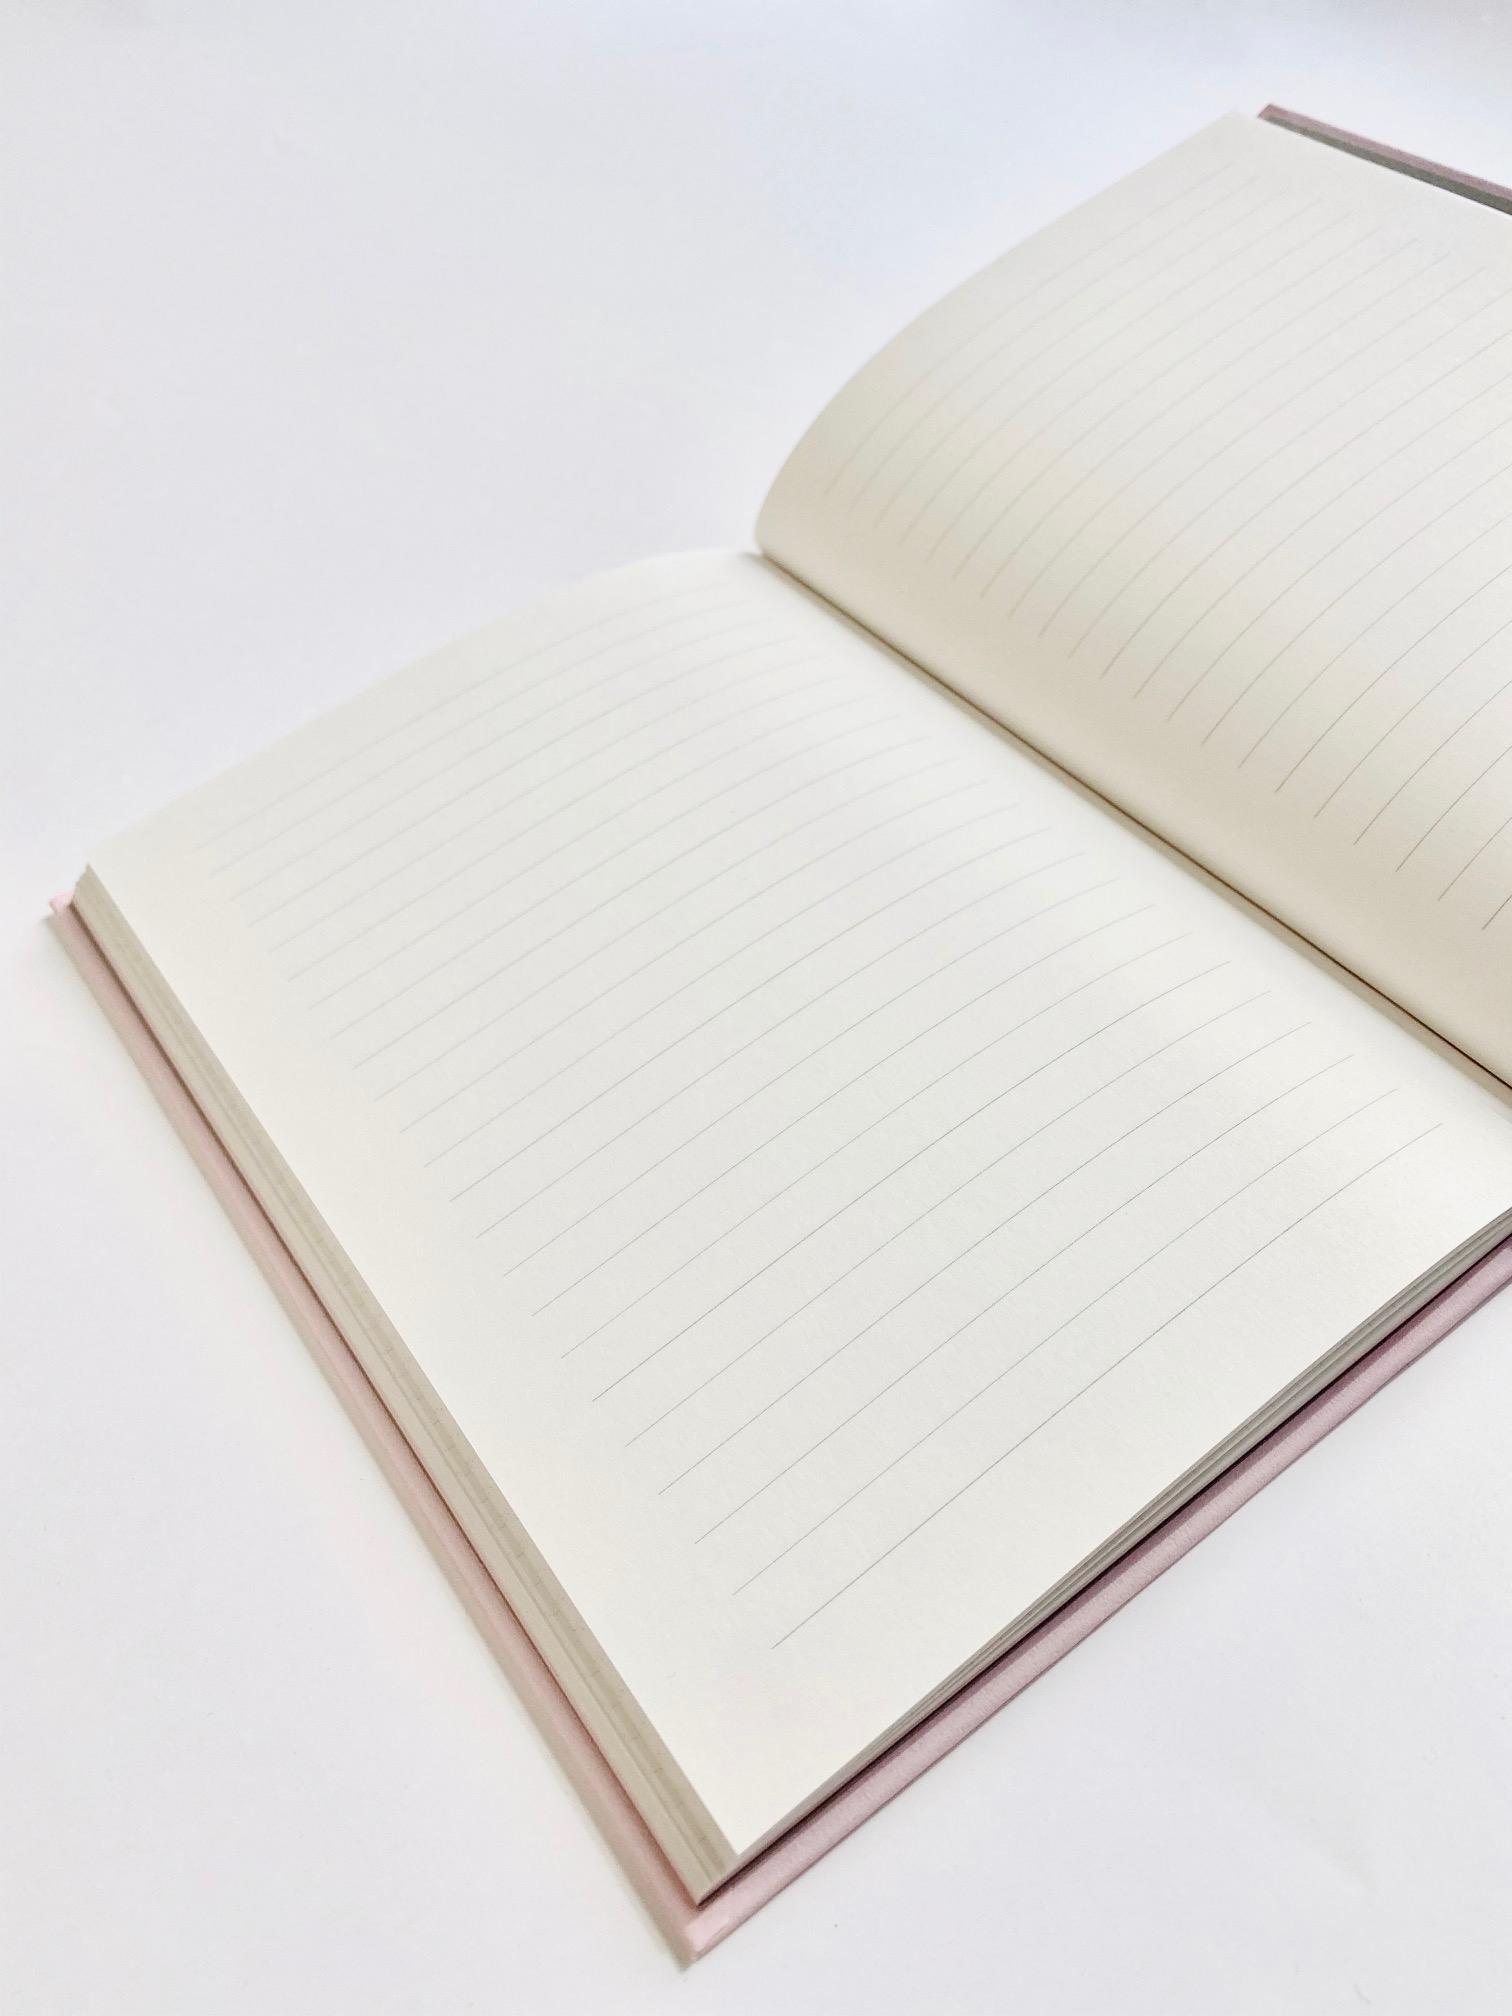 自由に書けるノート欄はたっぷり100ページ